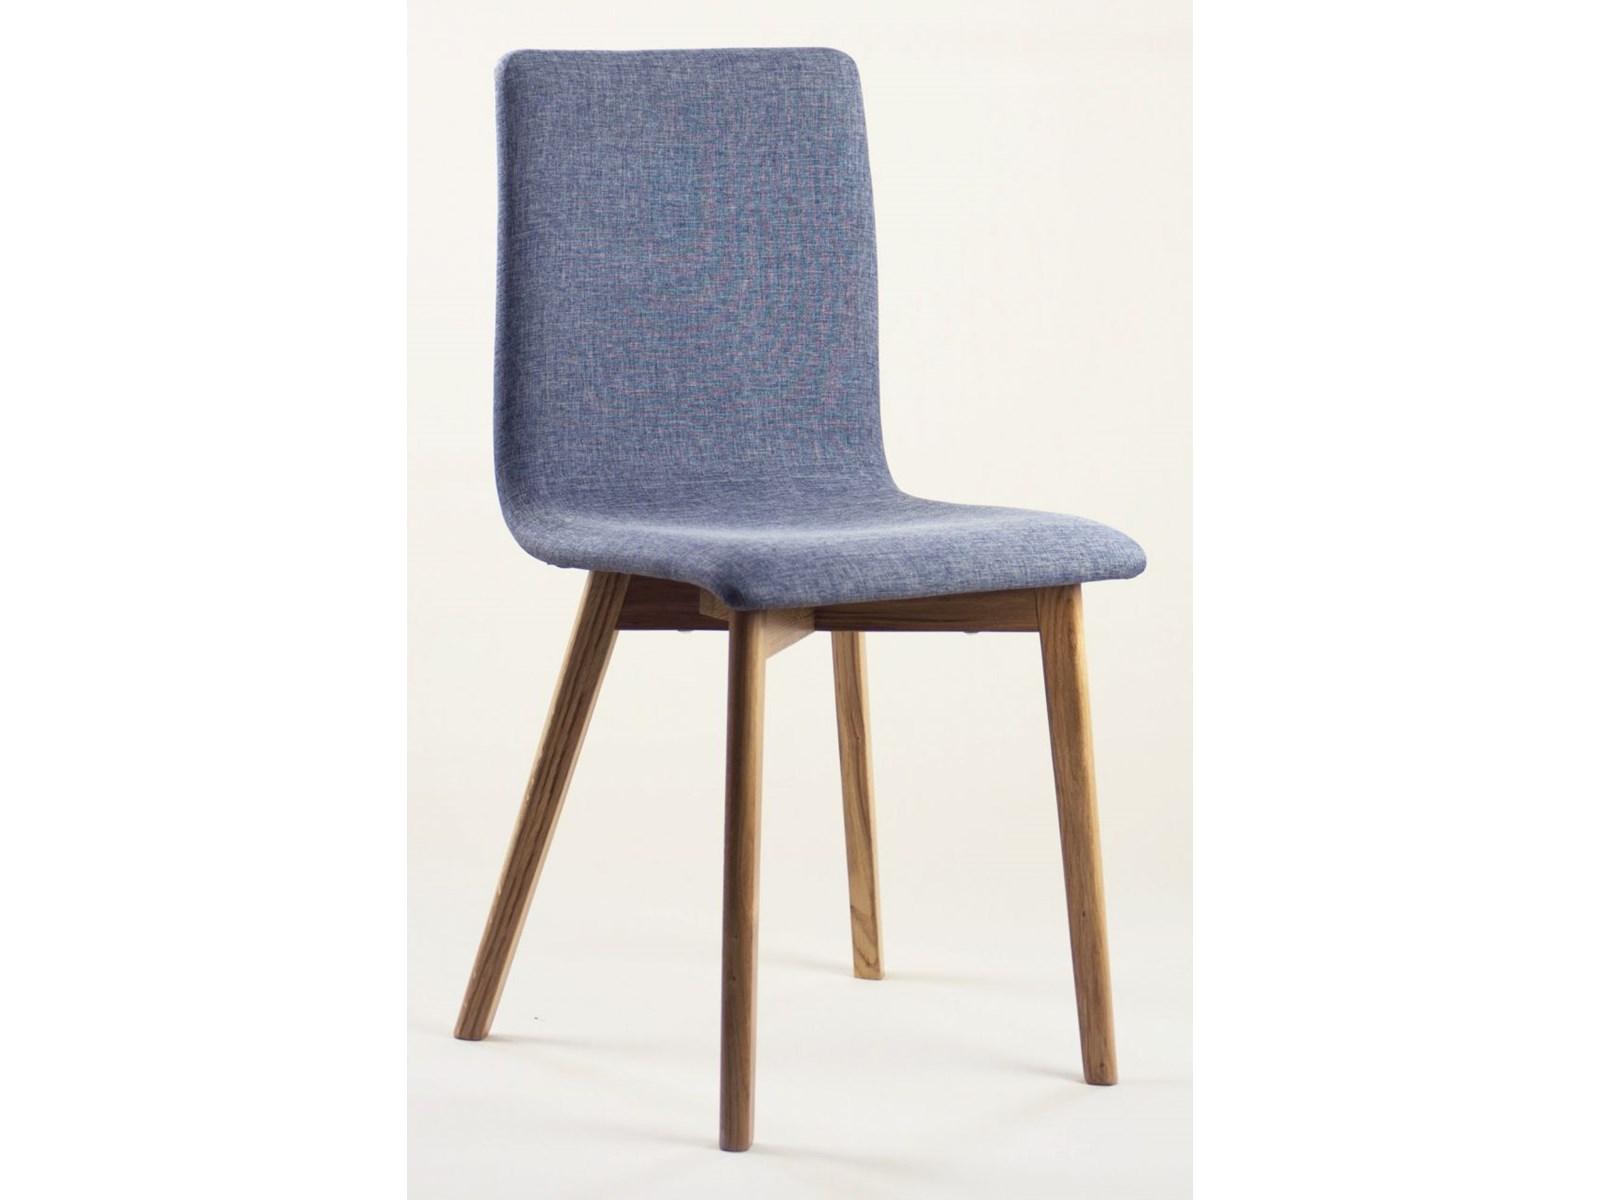 GRIM krzesło drewniane dębowa rama, szara tapicerka 06